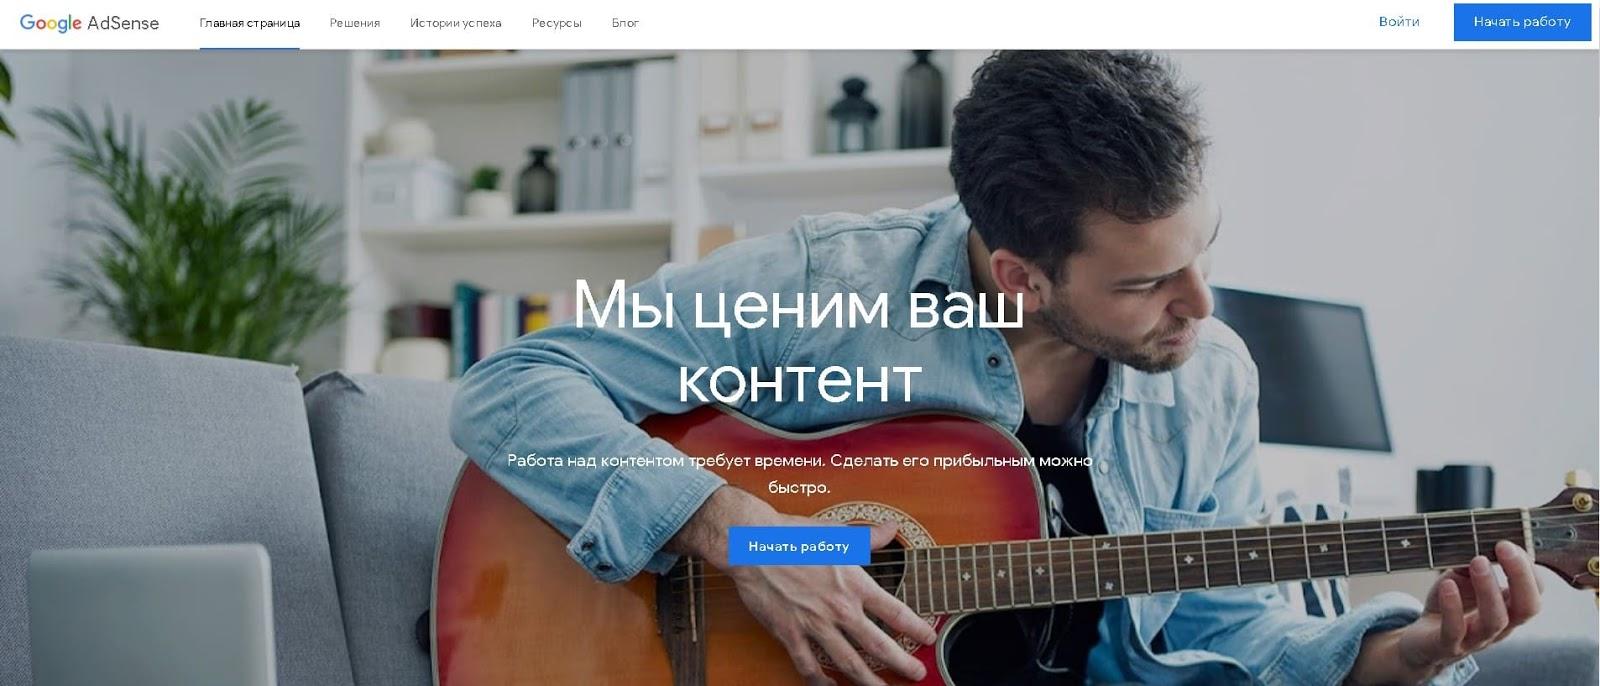 kak-zarabatyvat-na-igrovom-bloge-reklama-google-adsense